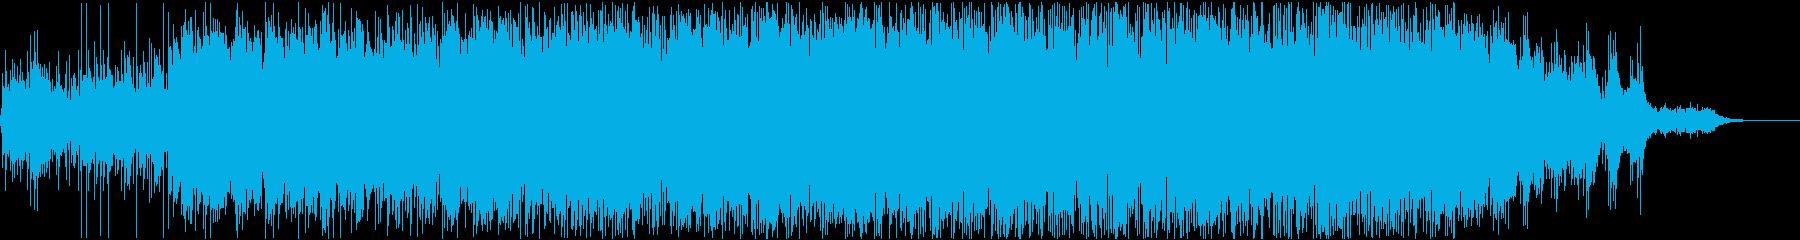 中毒性のあるシンセリフBGMの再生済みの波形